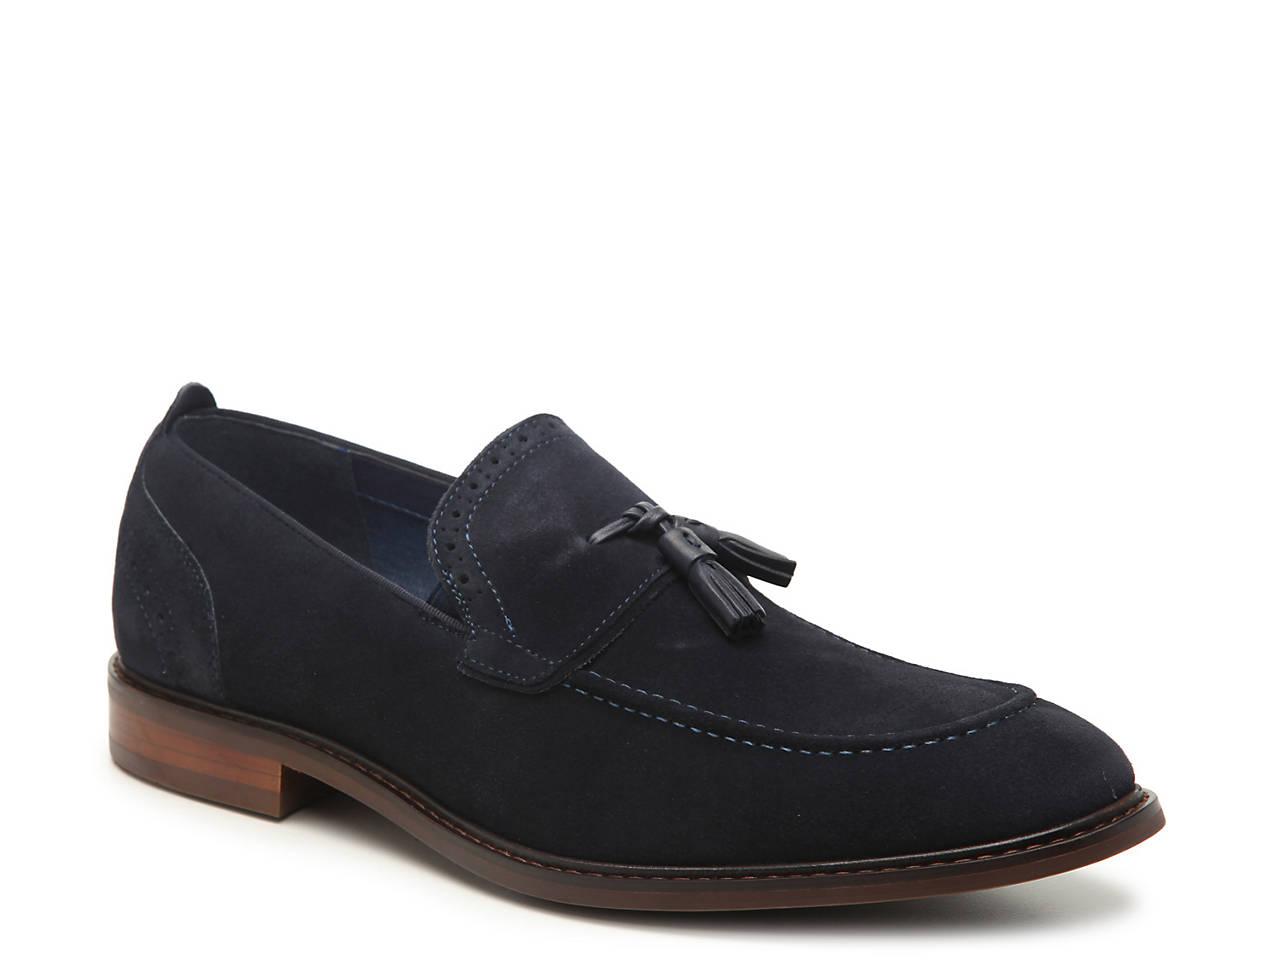 88016de0efb Steve Madden Bogart Tassel Loafer Men s Shoes